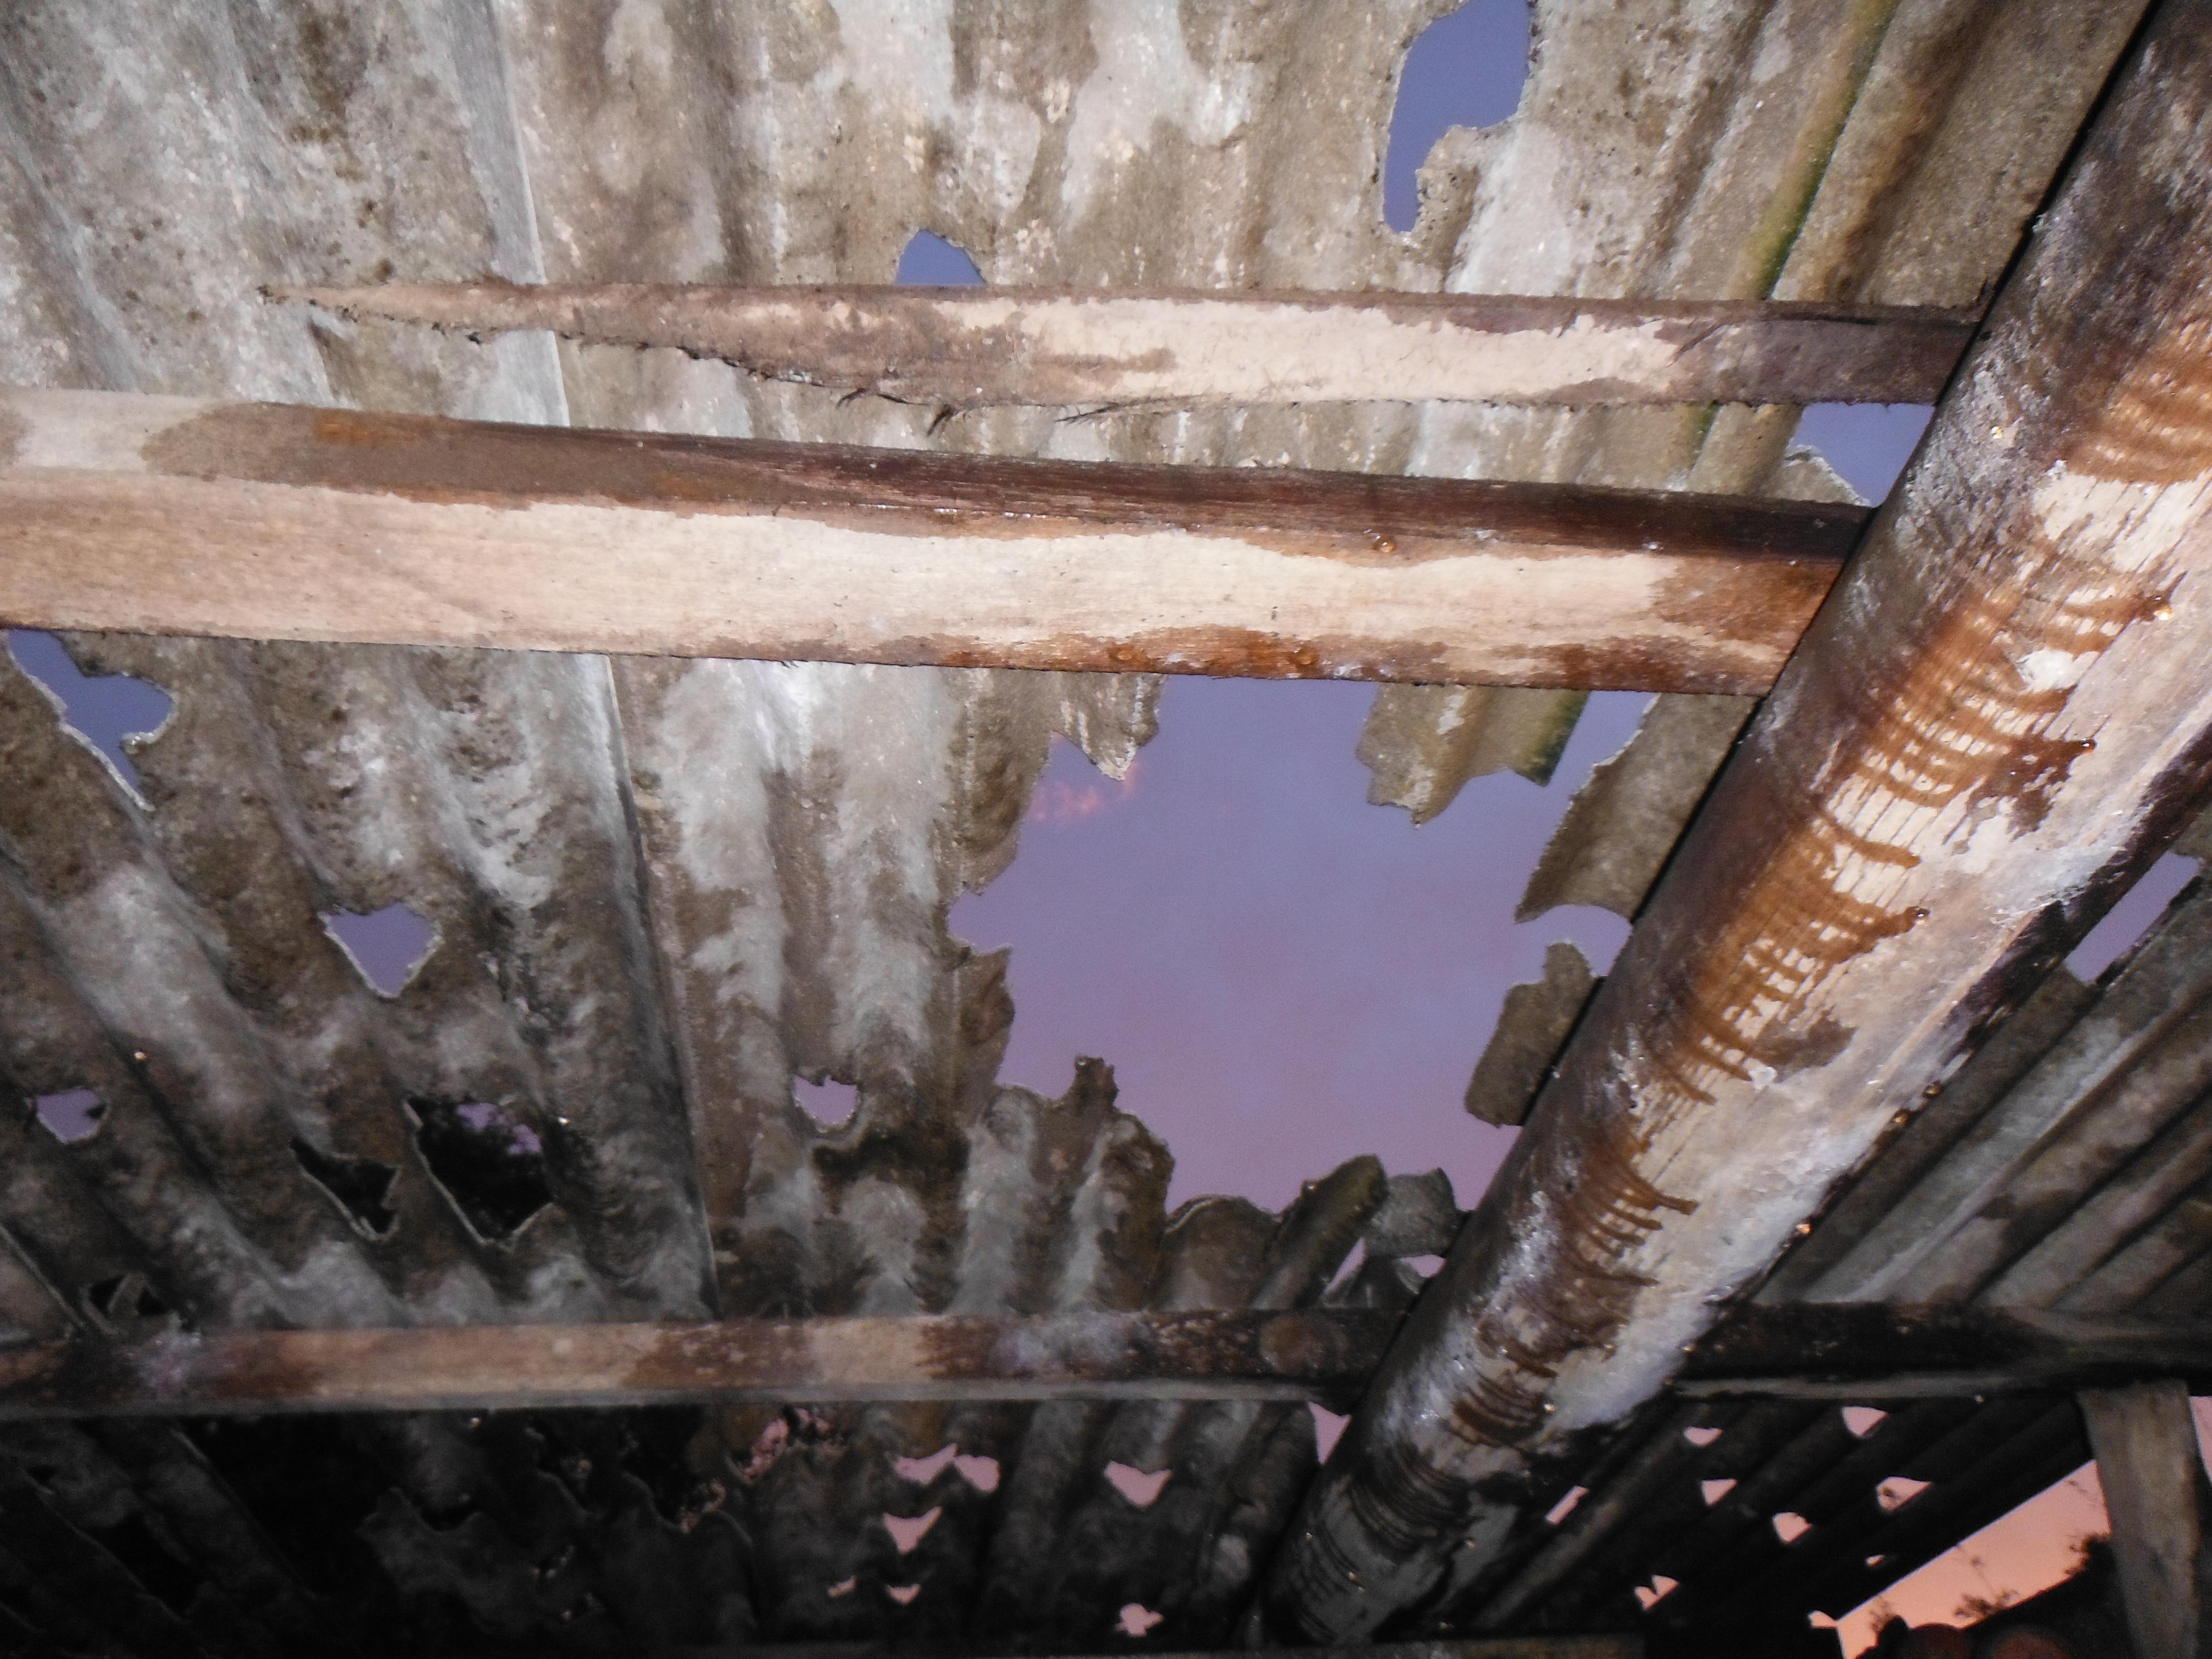 Granizo danificou residências de São Lourenço de Sul, RS